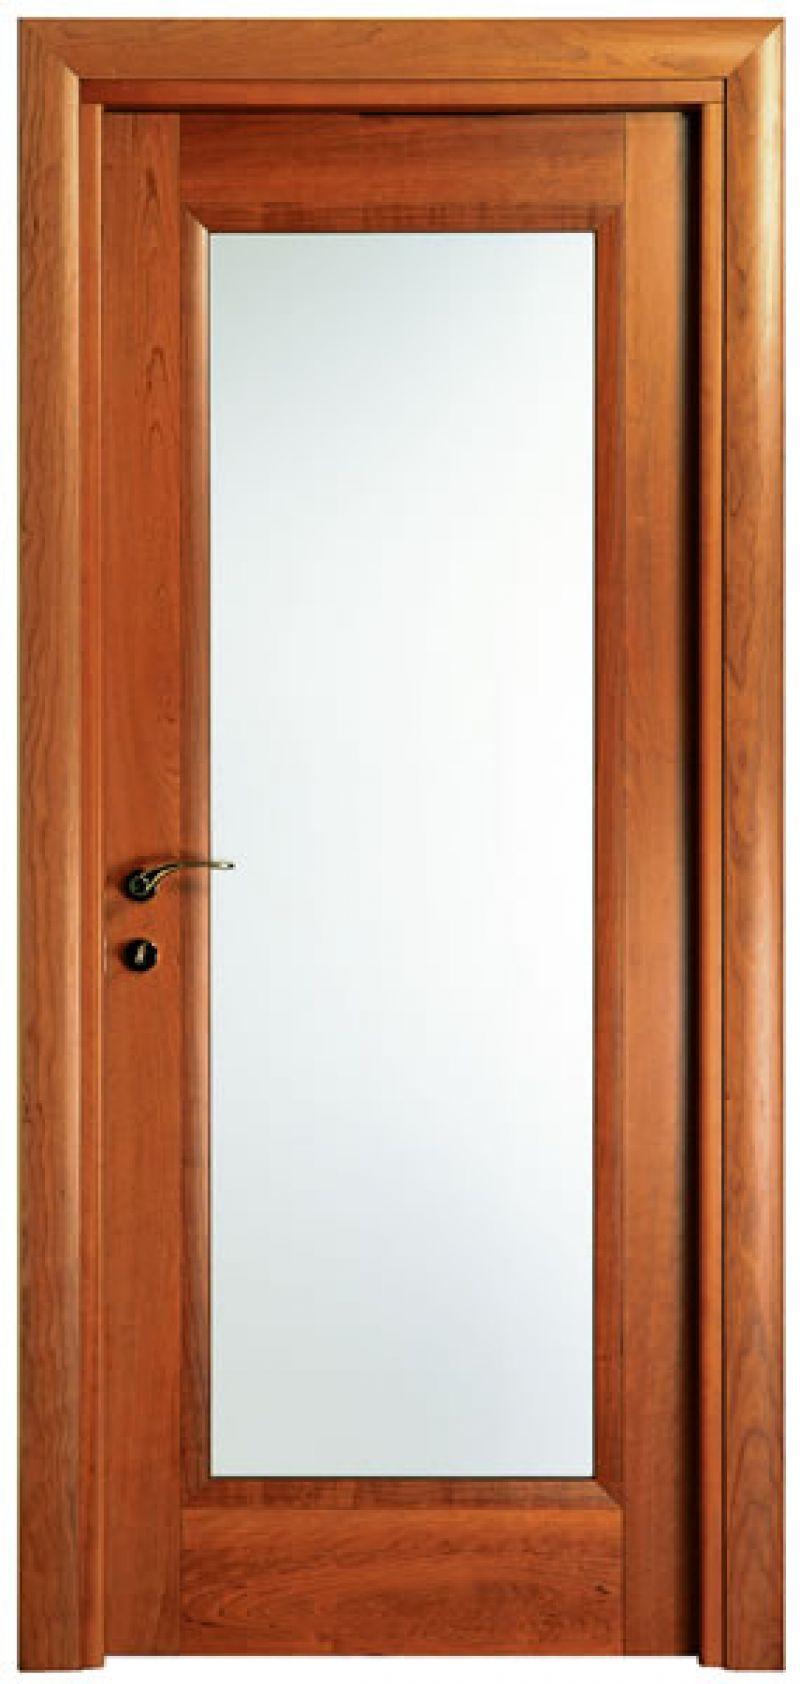 Porte Compact online Vendita Porte compact in legno online Porte ...